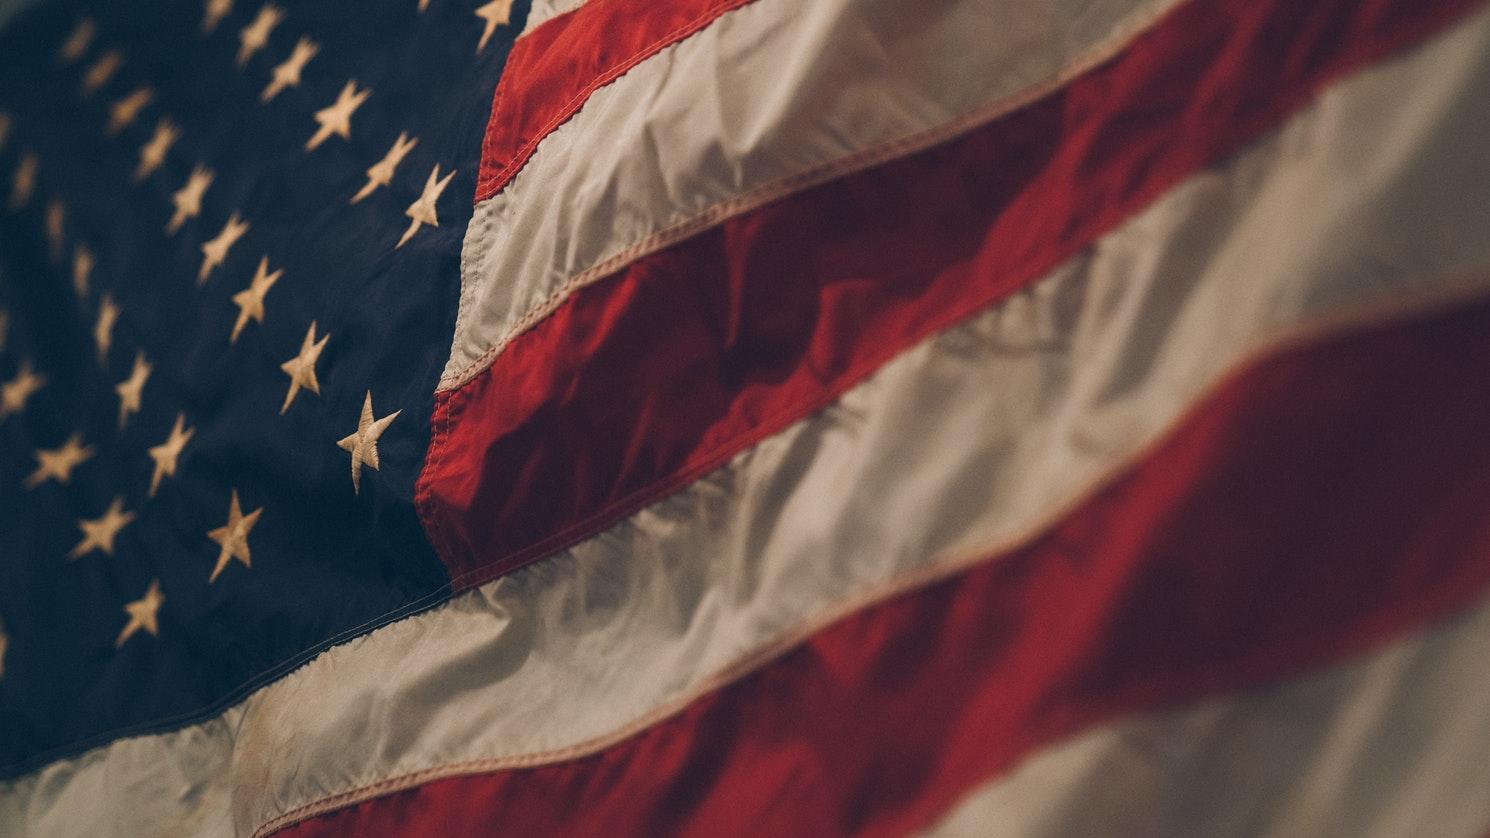 Deerfield Honors Veterans